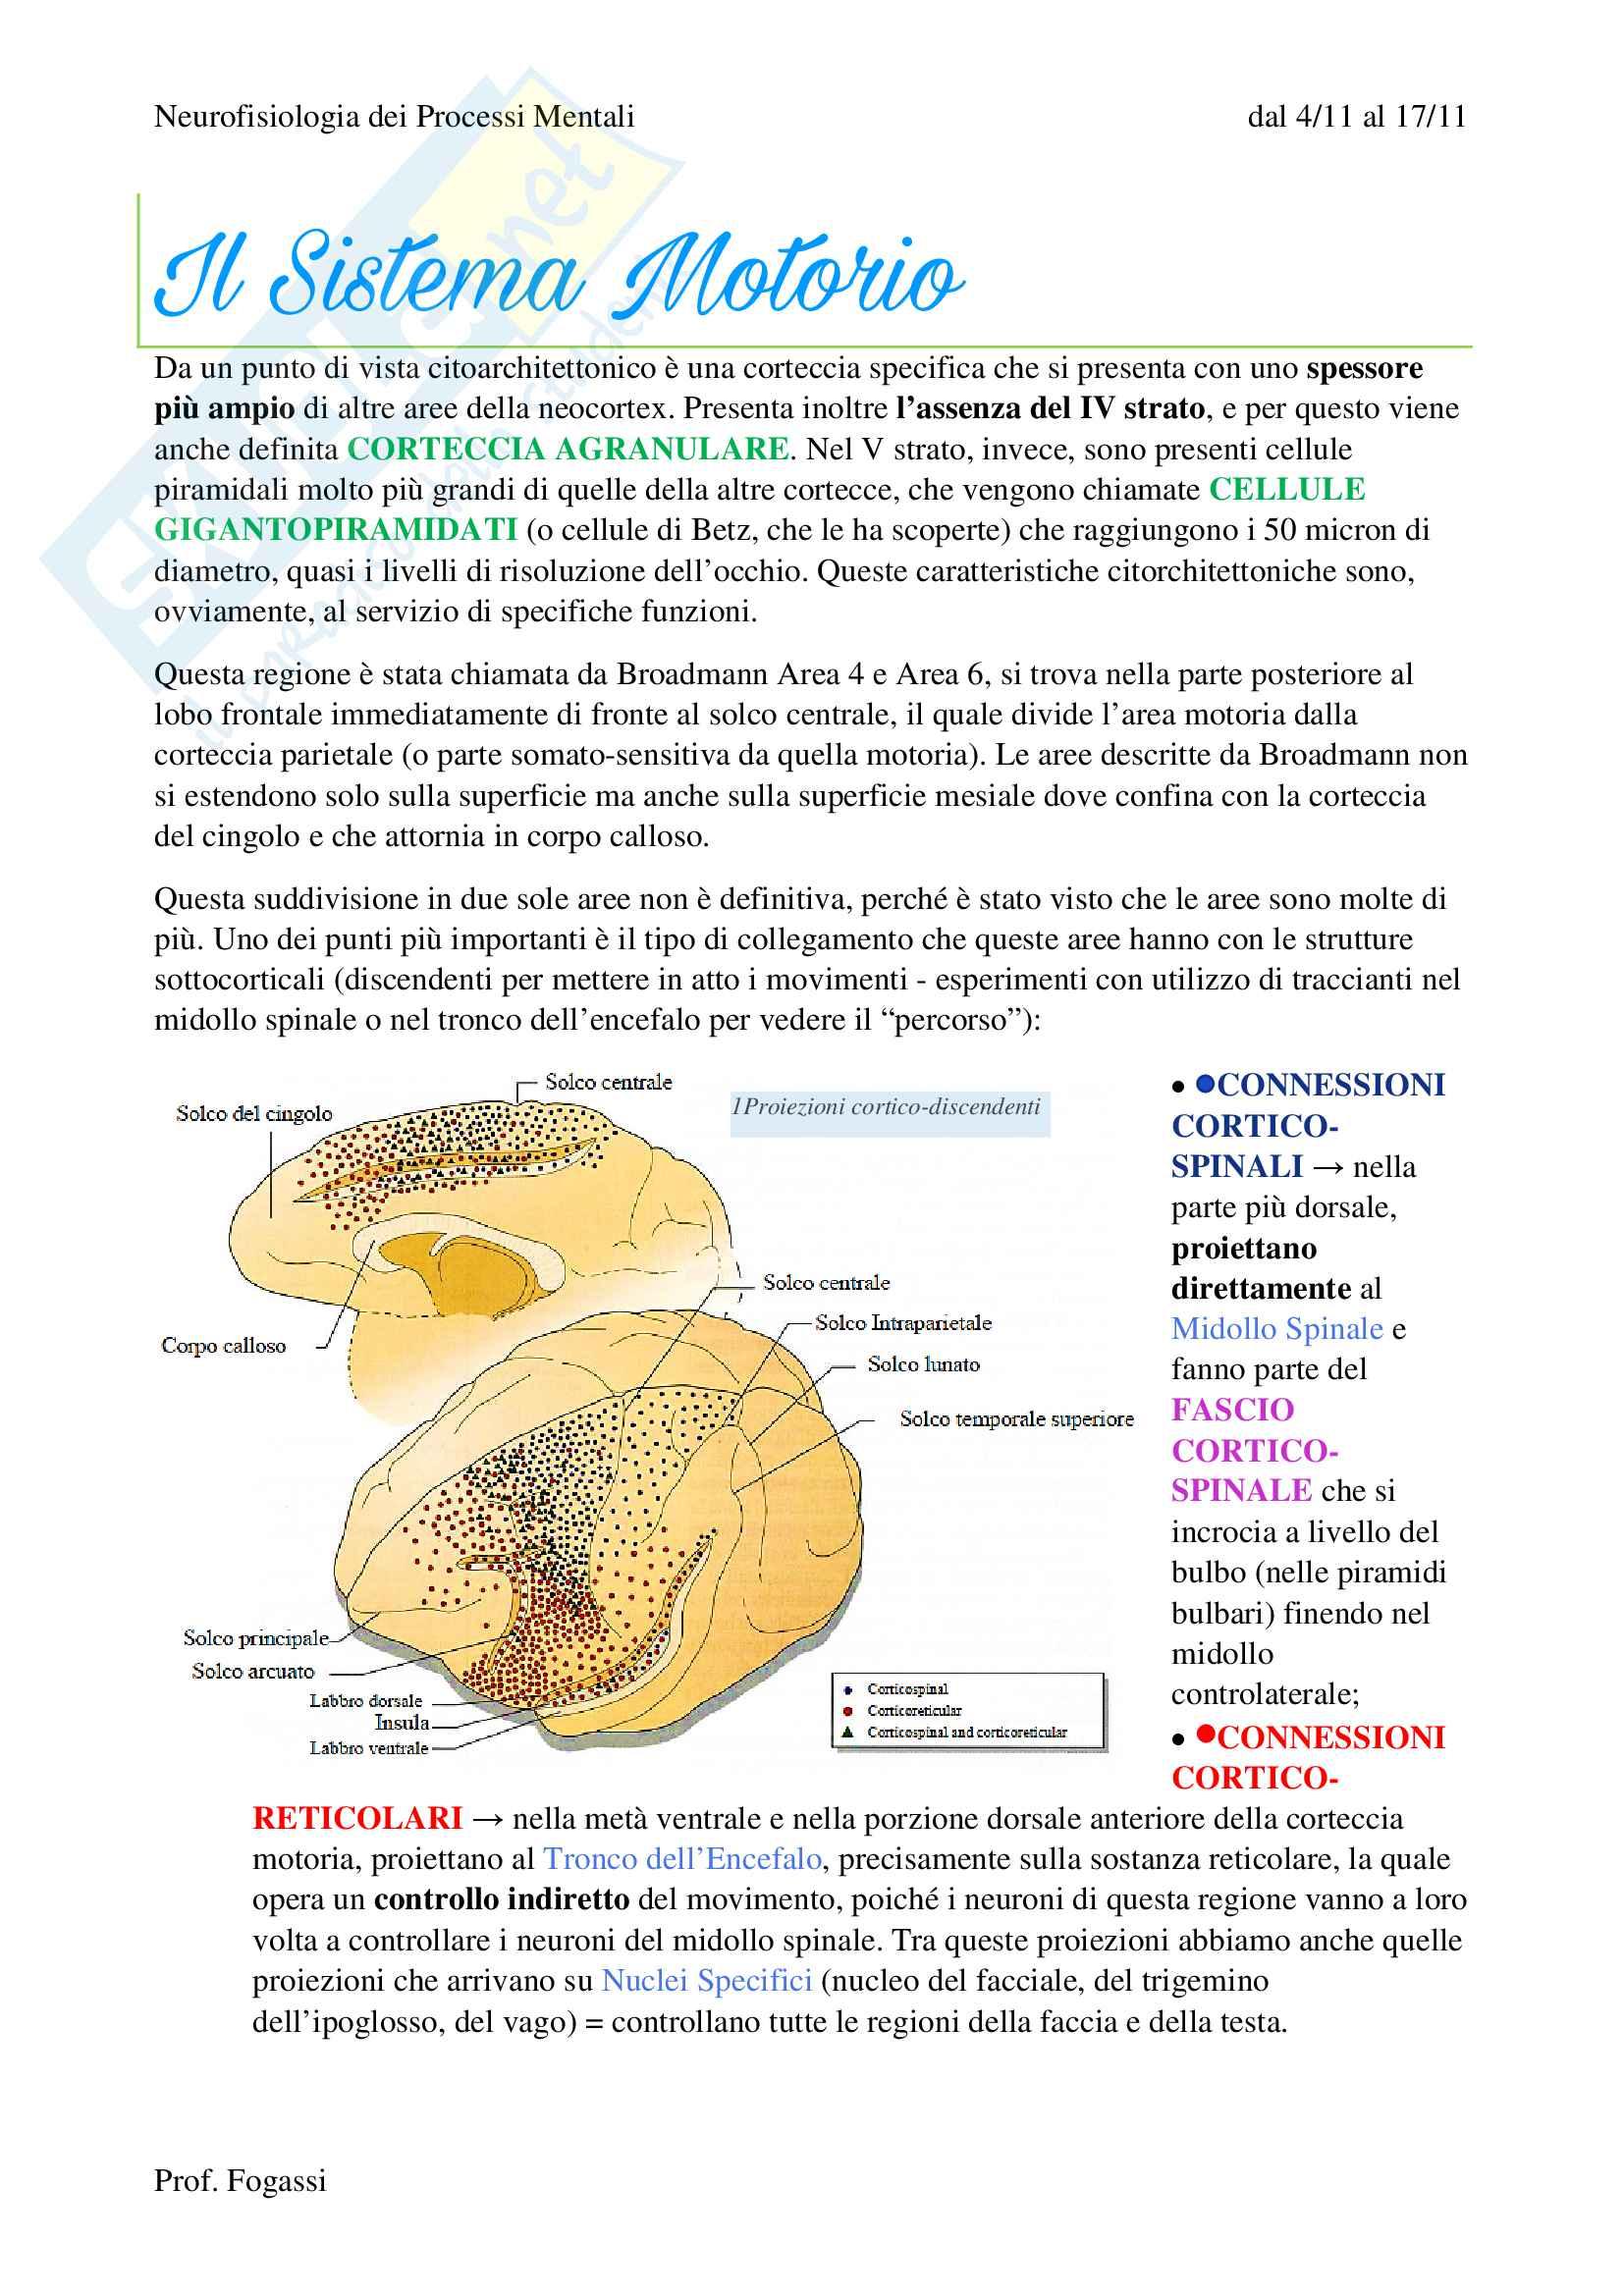 appunto L. Fogassi Neurofisiologia dei processi mentali